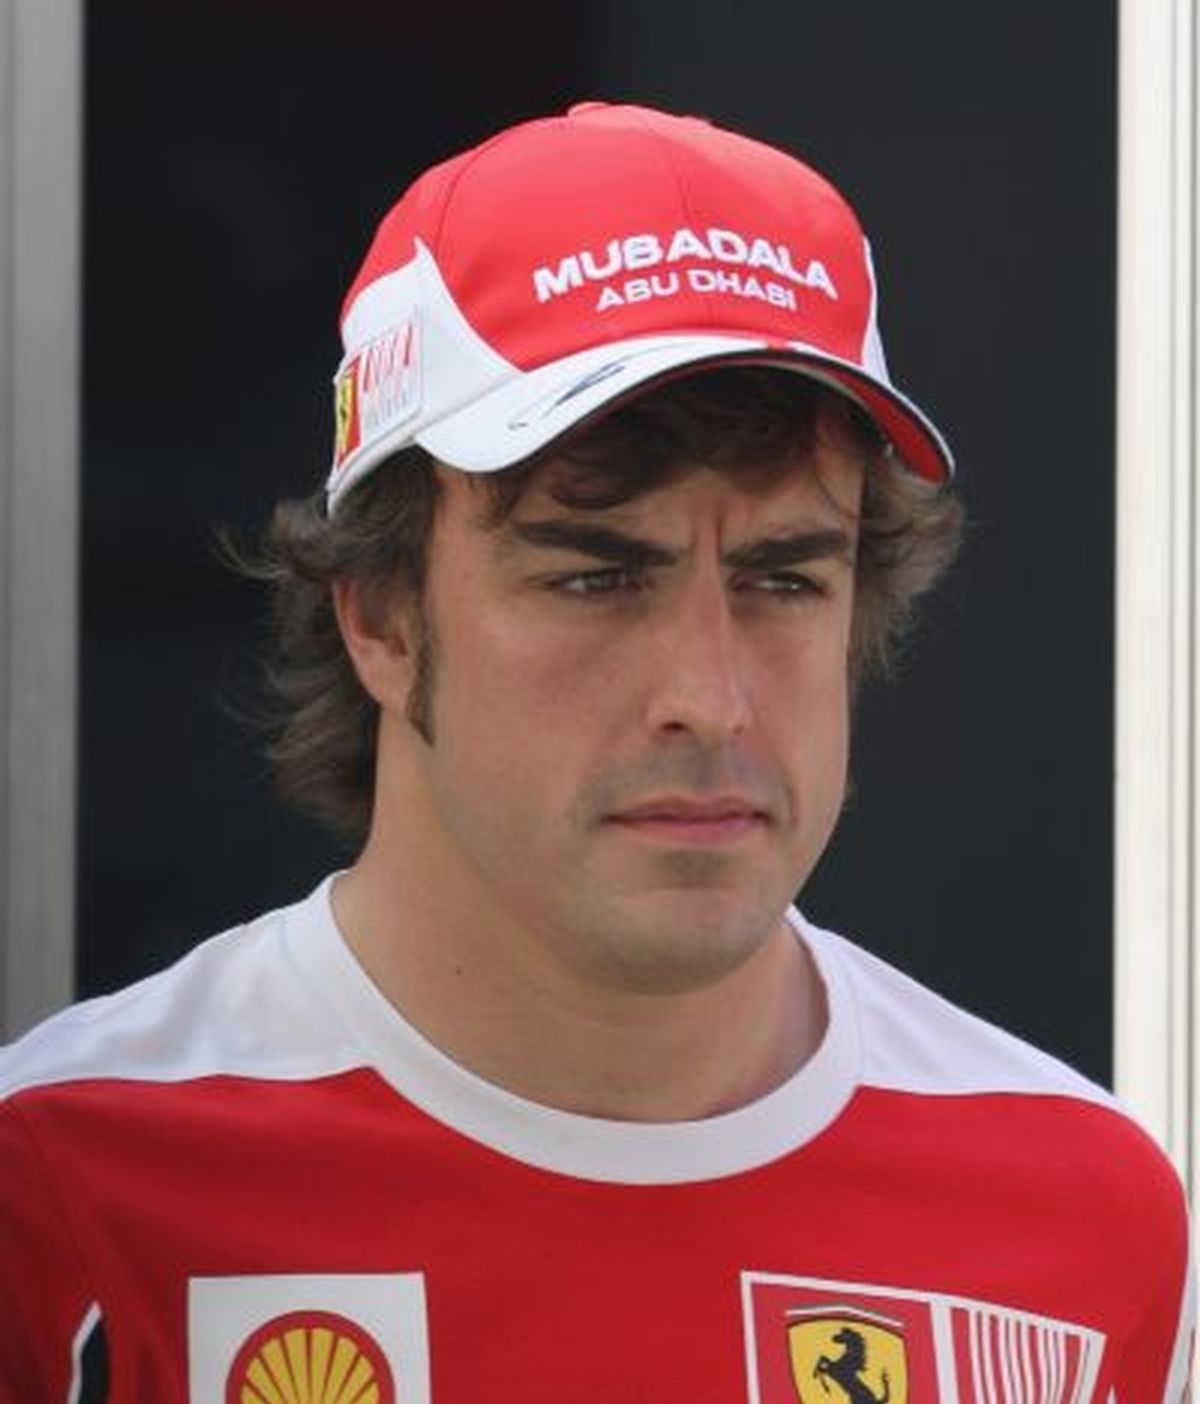 Alonso, a su llegada al circuito de Sepang. FOTO: EFE.